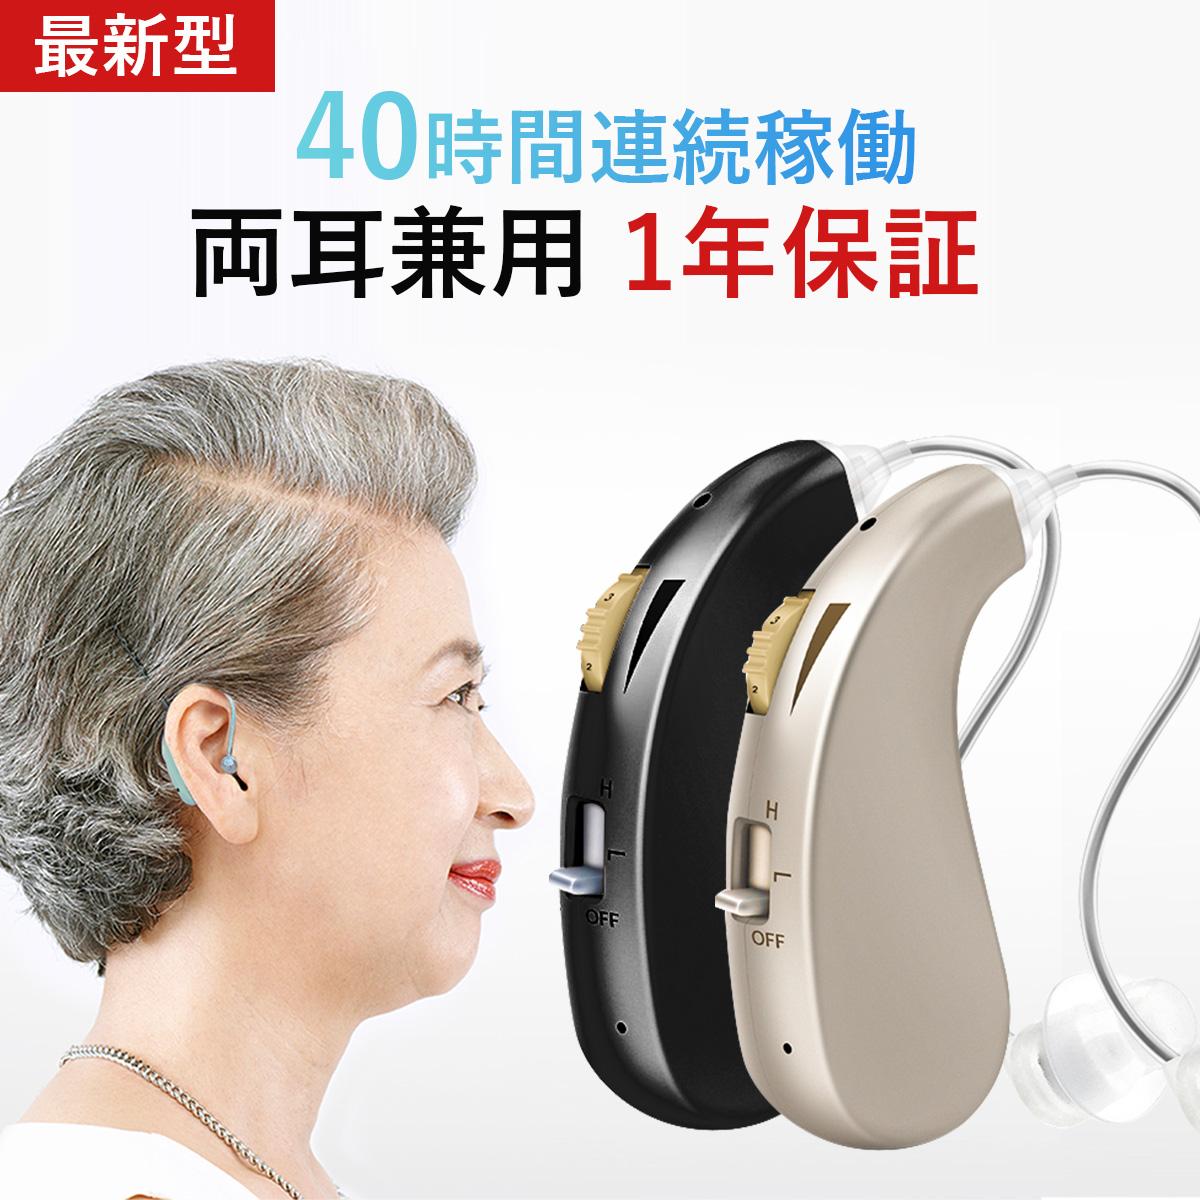 レビュー特典で360日間安心保証延長 1年保証 集音器 充電式 ワイヤレス 日本最大級の品揃え 補聴器高齢者 軽量 耳掛け式 中度難聴者用 充電式集音器 購入 補聴器 高齢者の集音器 ブラック 難聴 父の日 デジタルチップ 高齢者 両耳兼用 中度から高度難聴者向け 母の日 敬老の日 送料無料 軽度 プレゼント